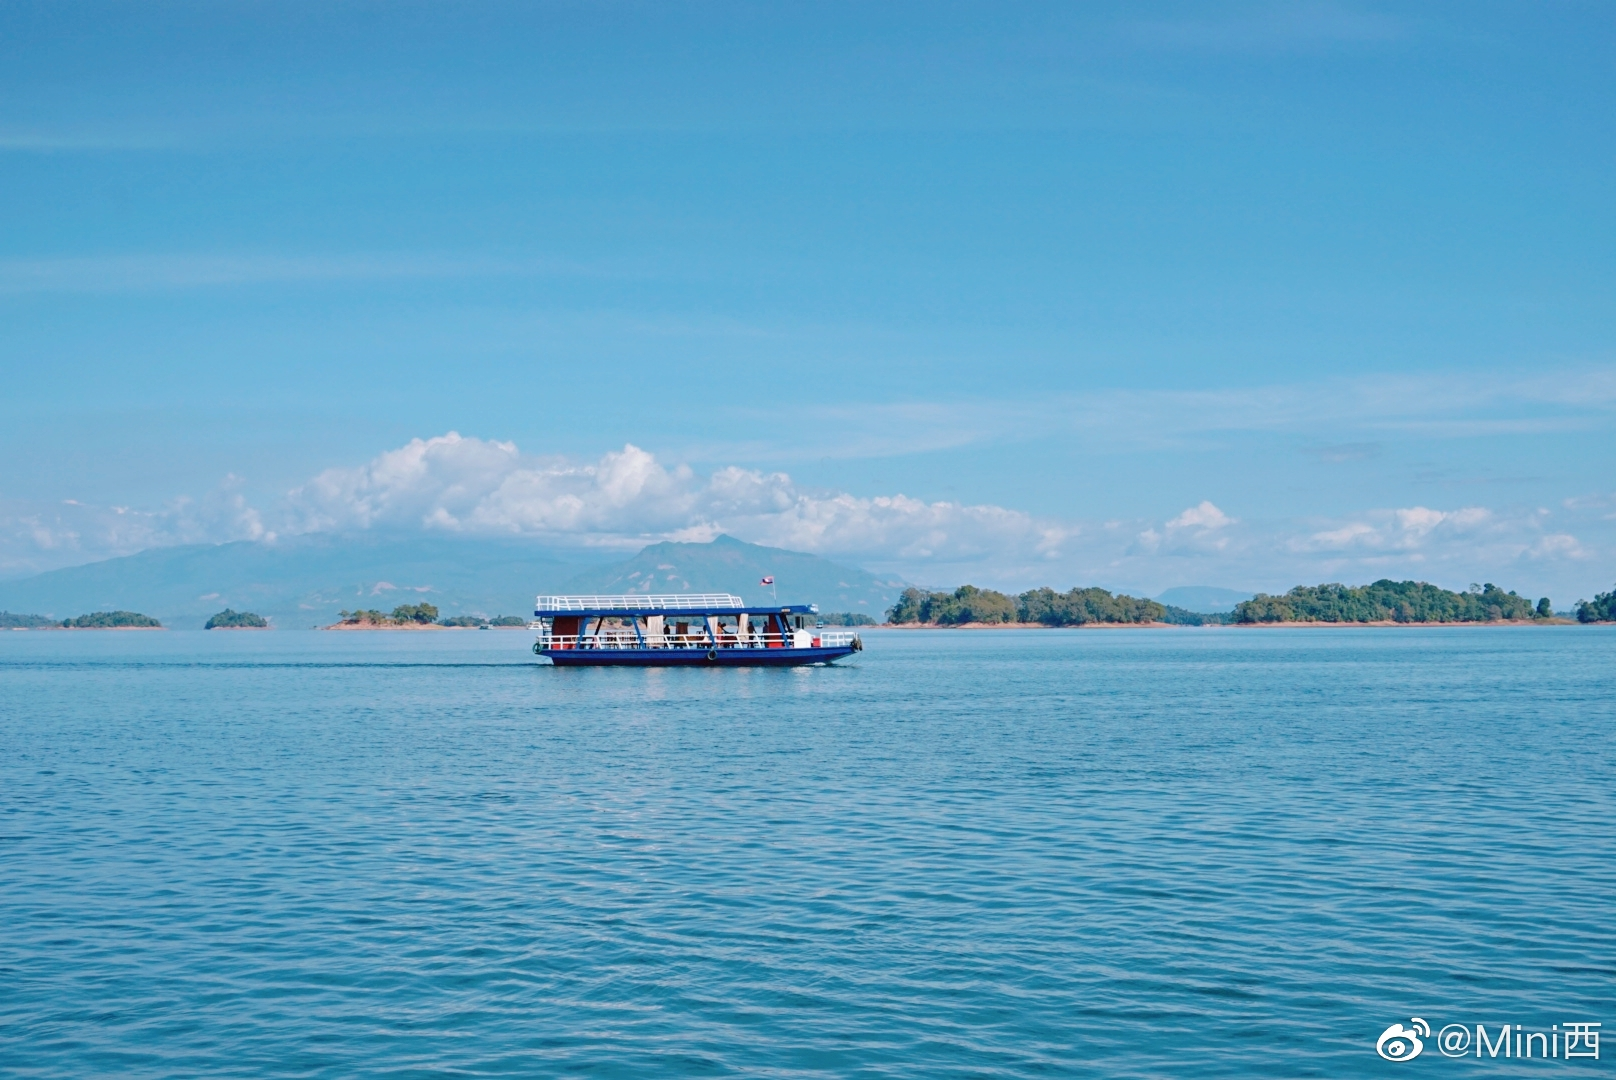 老挝是东南亚为数不多没有海的国家。南俄湖,是老挝人心中的海